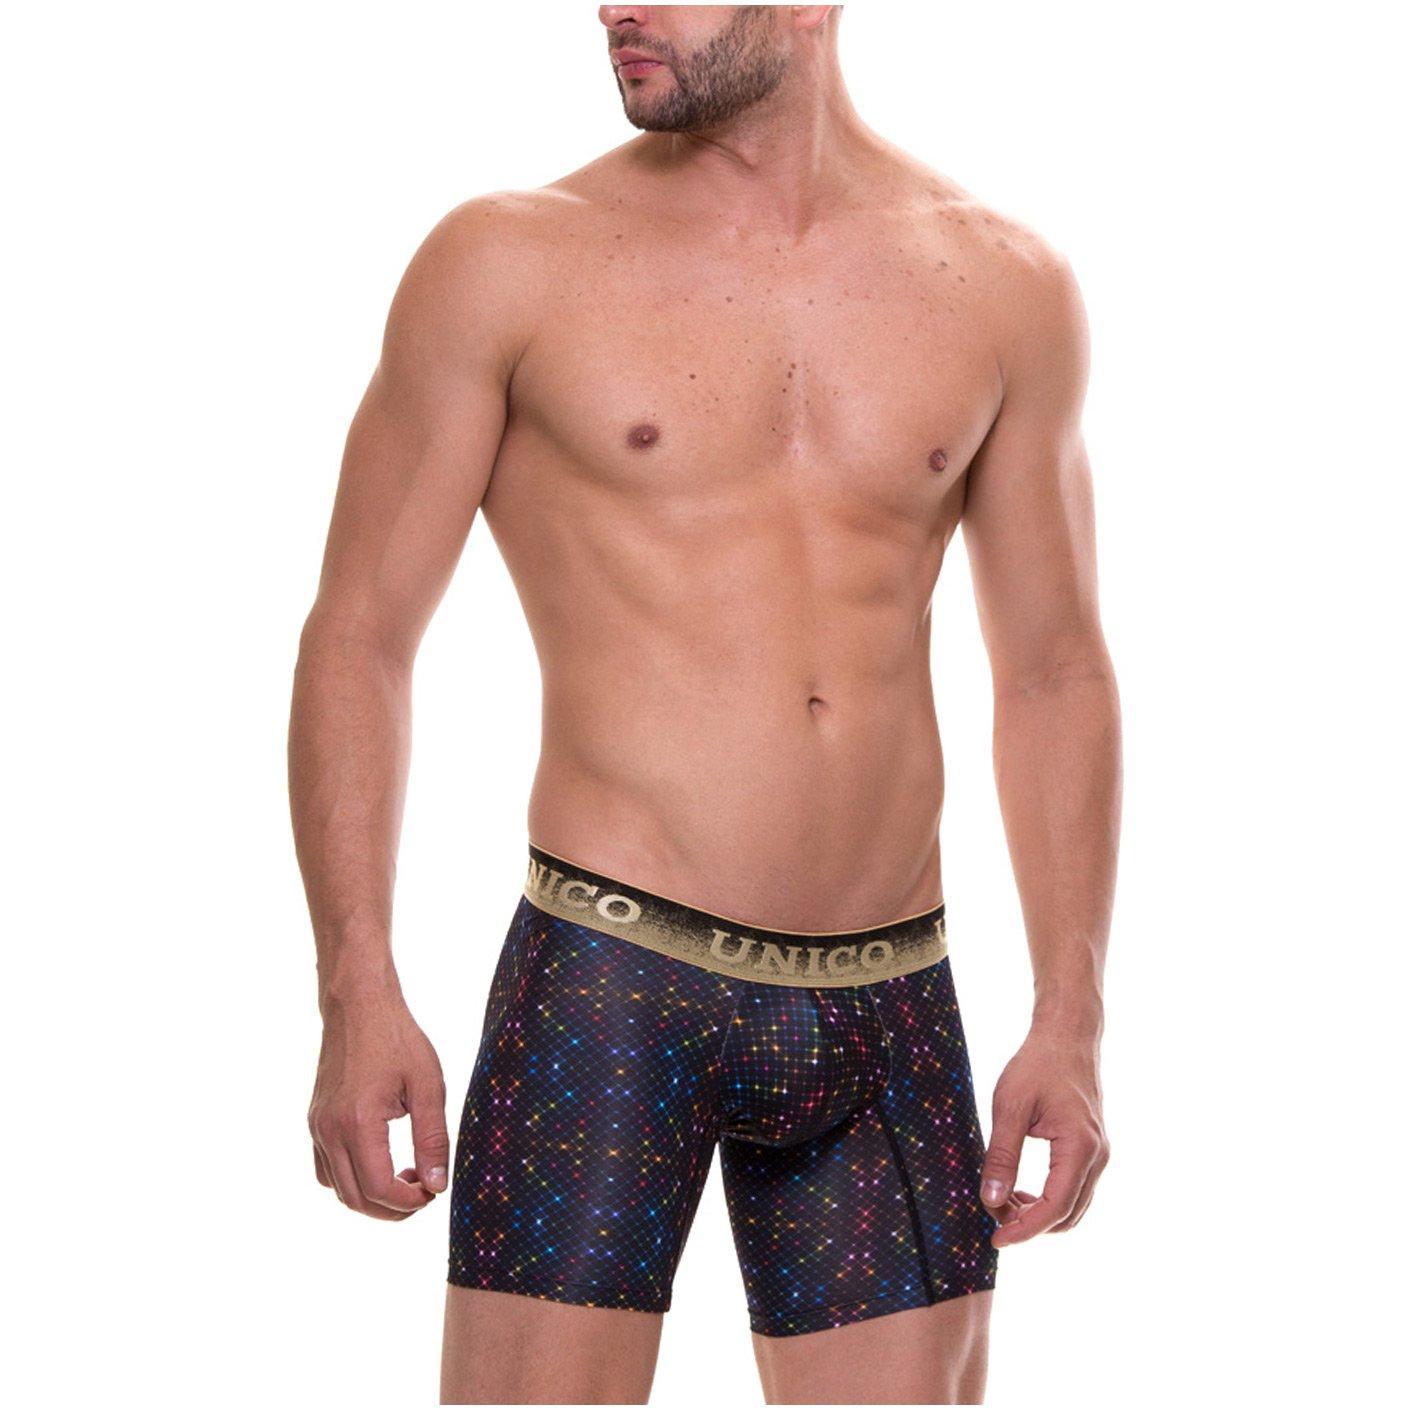 Mundo Unico Microfiber Medium Boxer Briefs for Men Print Ropa Interior Masculina